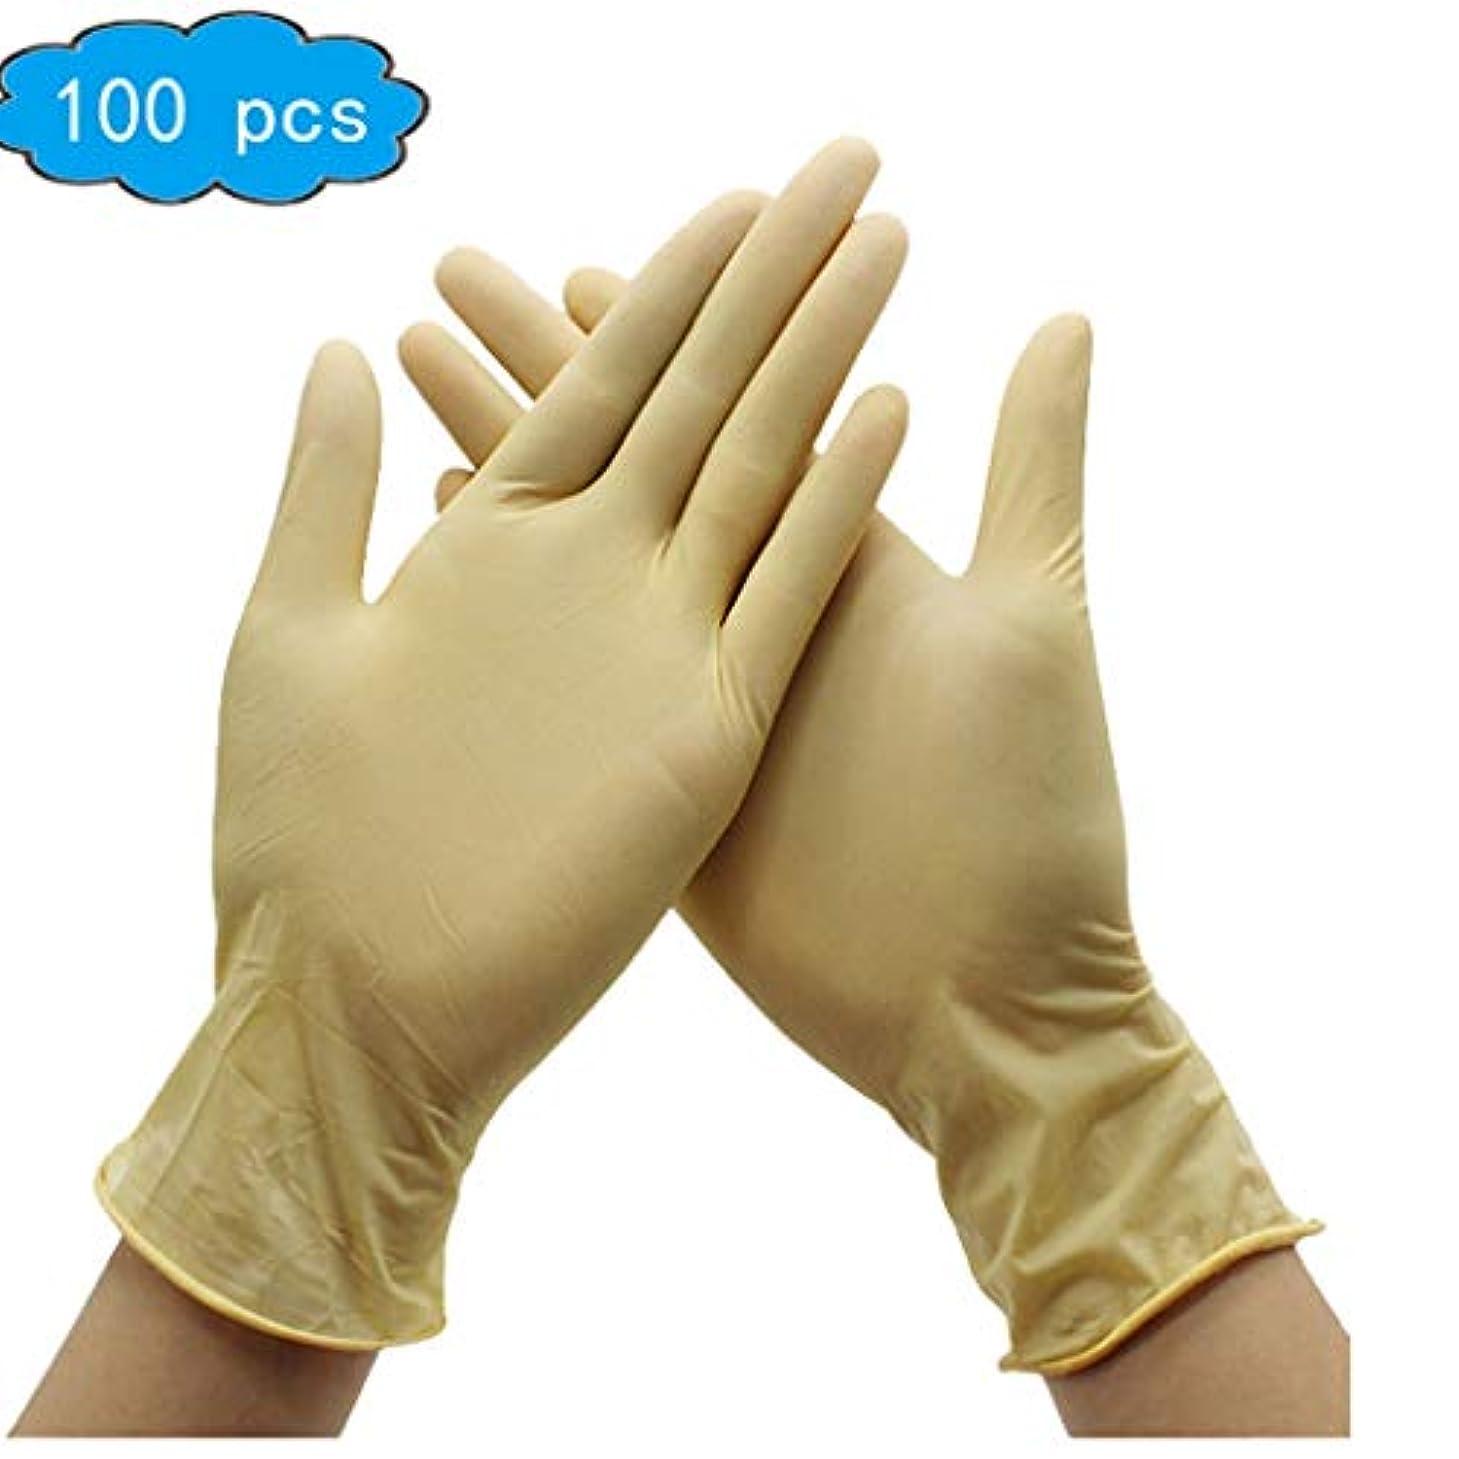 黒人イヤホンビスケット使い捨てラテックス手袋、液、血液、試験、ヘルスケア、ノーパウダー、100箱 (Color : Beige, Size : L)